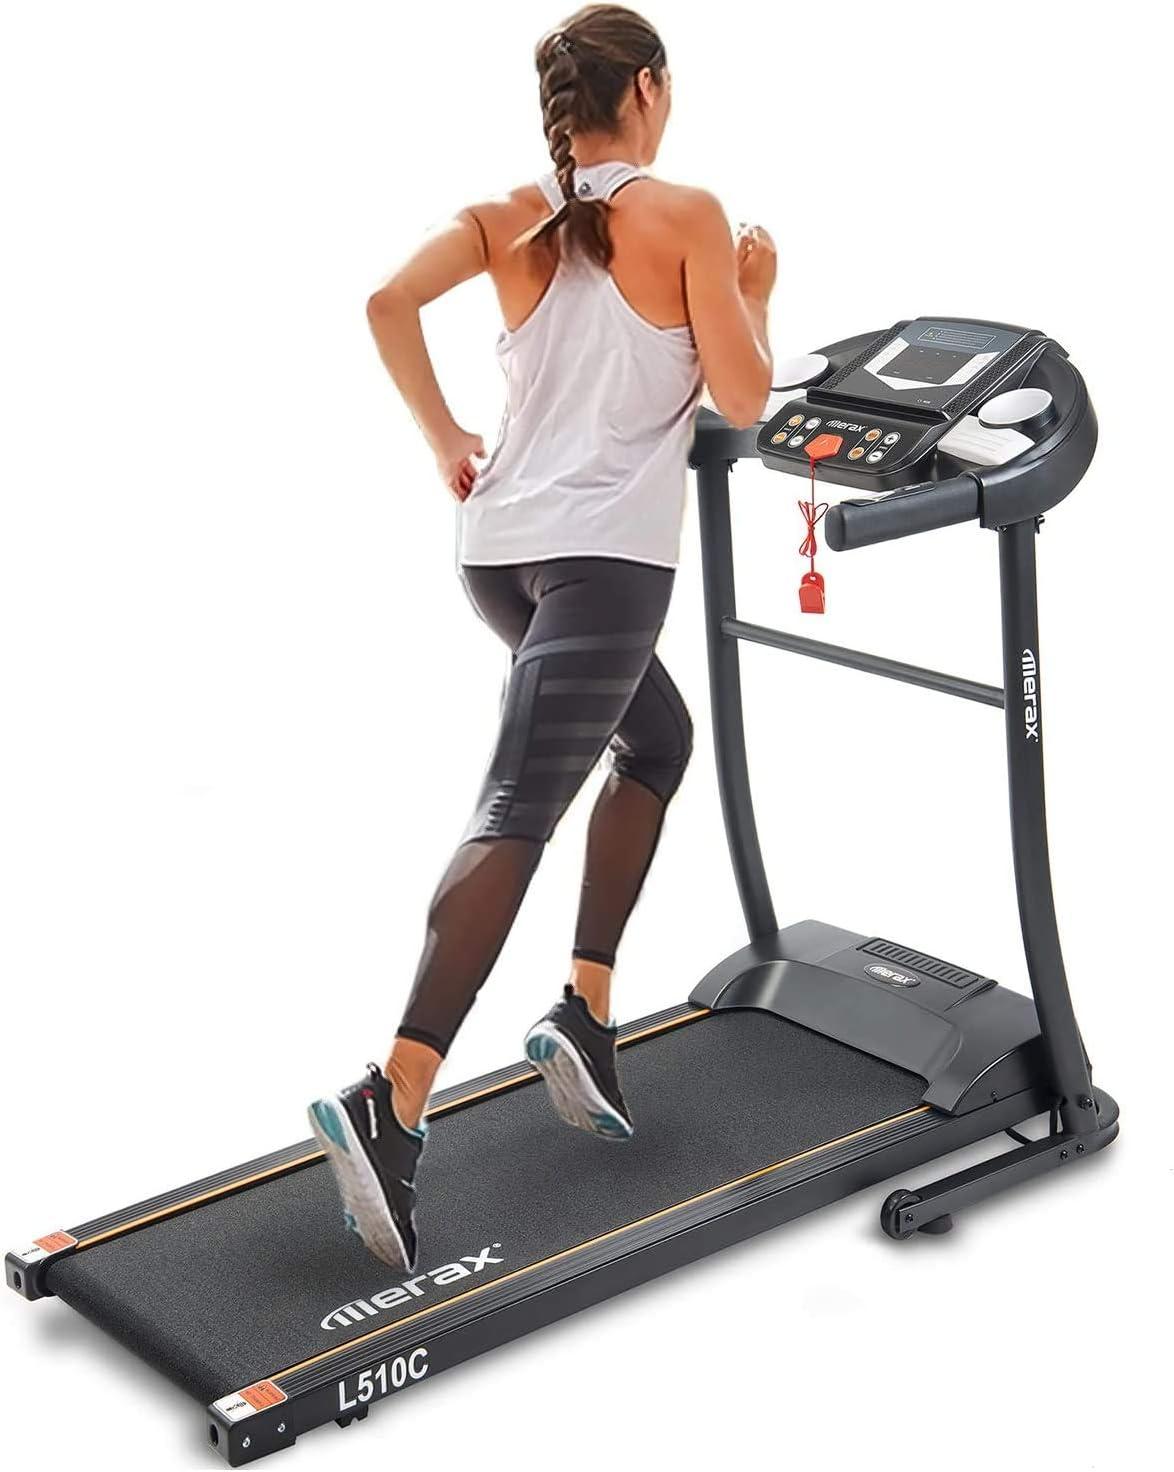 Merax Treadmill Folding Electric Treadmill